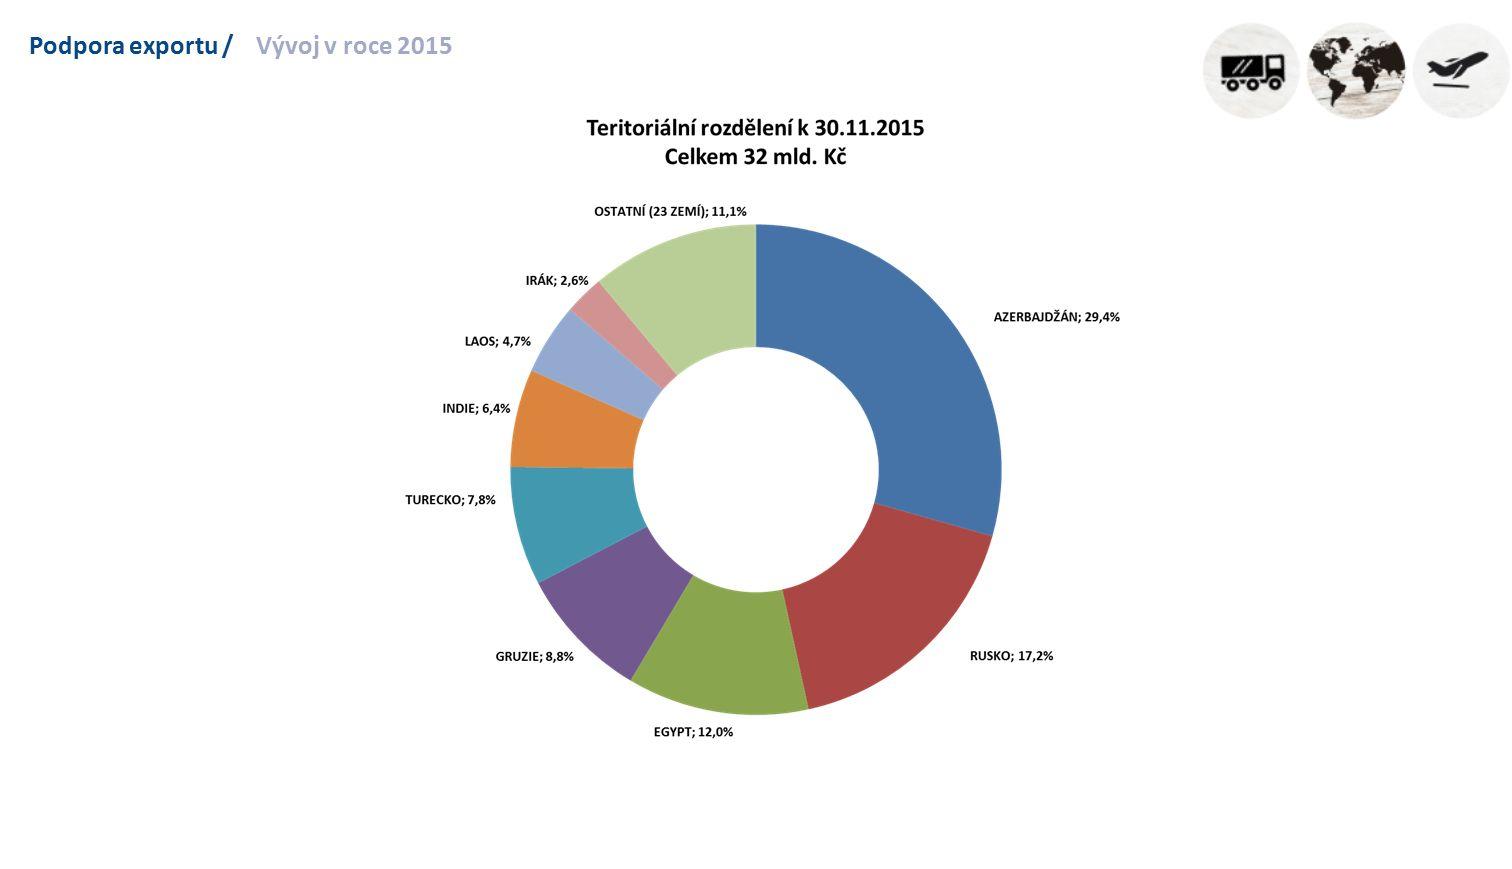 Podpora exportu /Vývoj v roce 2015